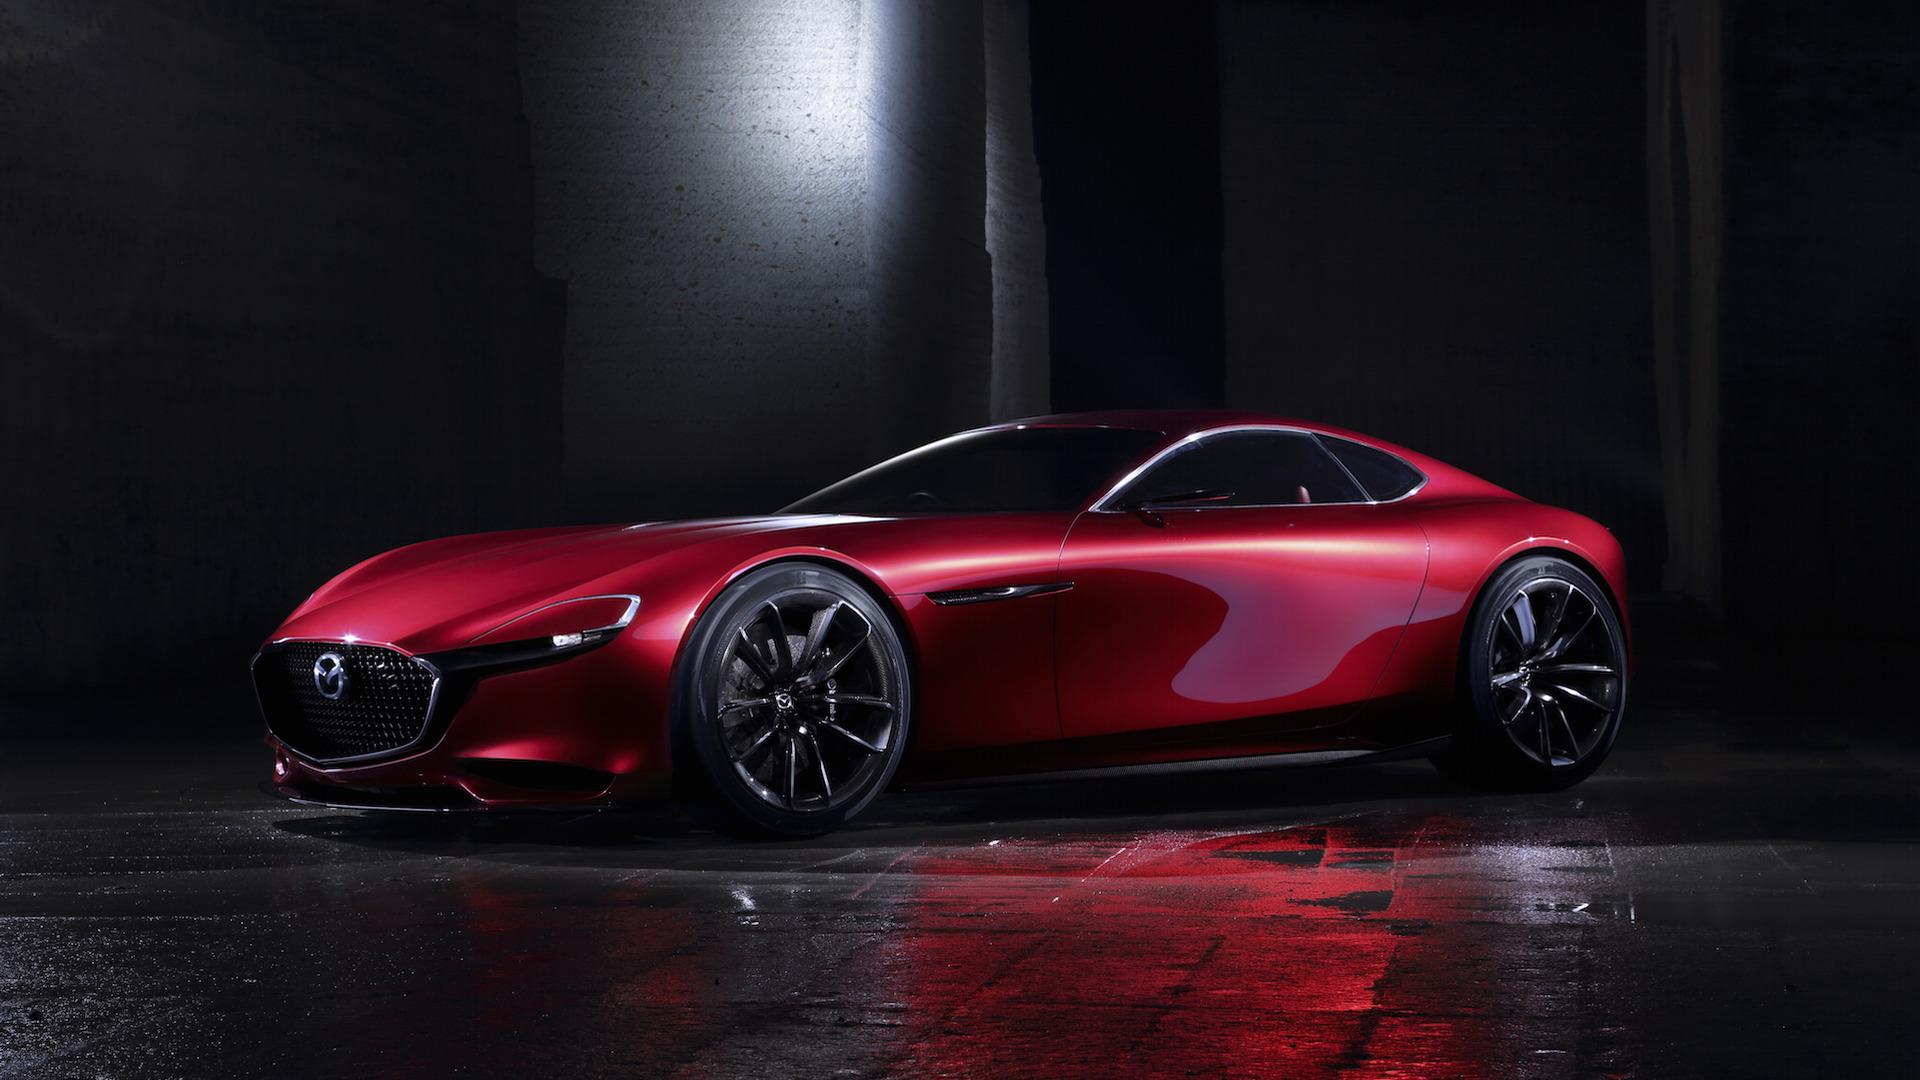 Mazda'dan MX-6 adlı yeni bir model gelebilir